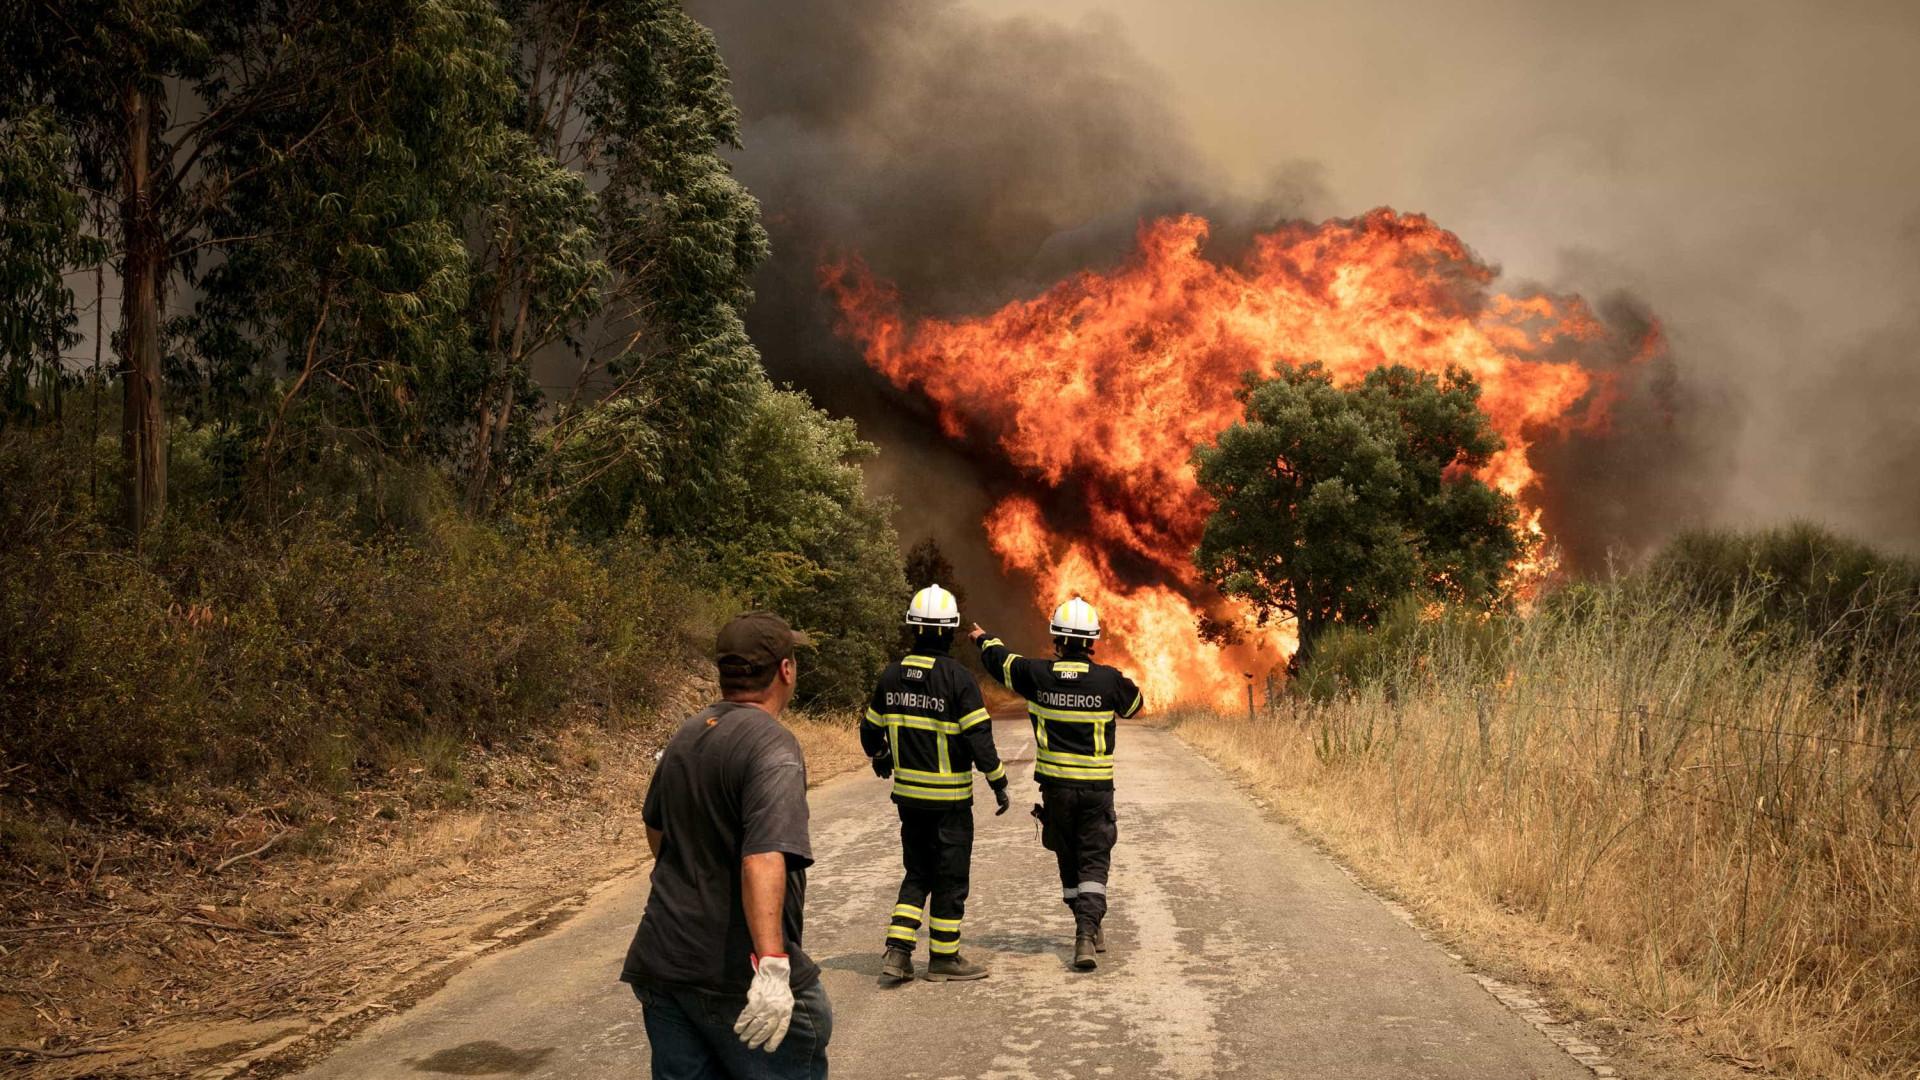 Mação: Imagens de um concelho devastado pelo fogo